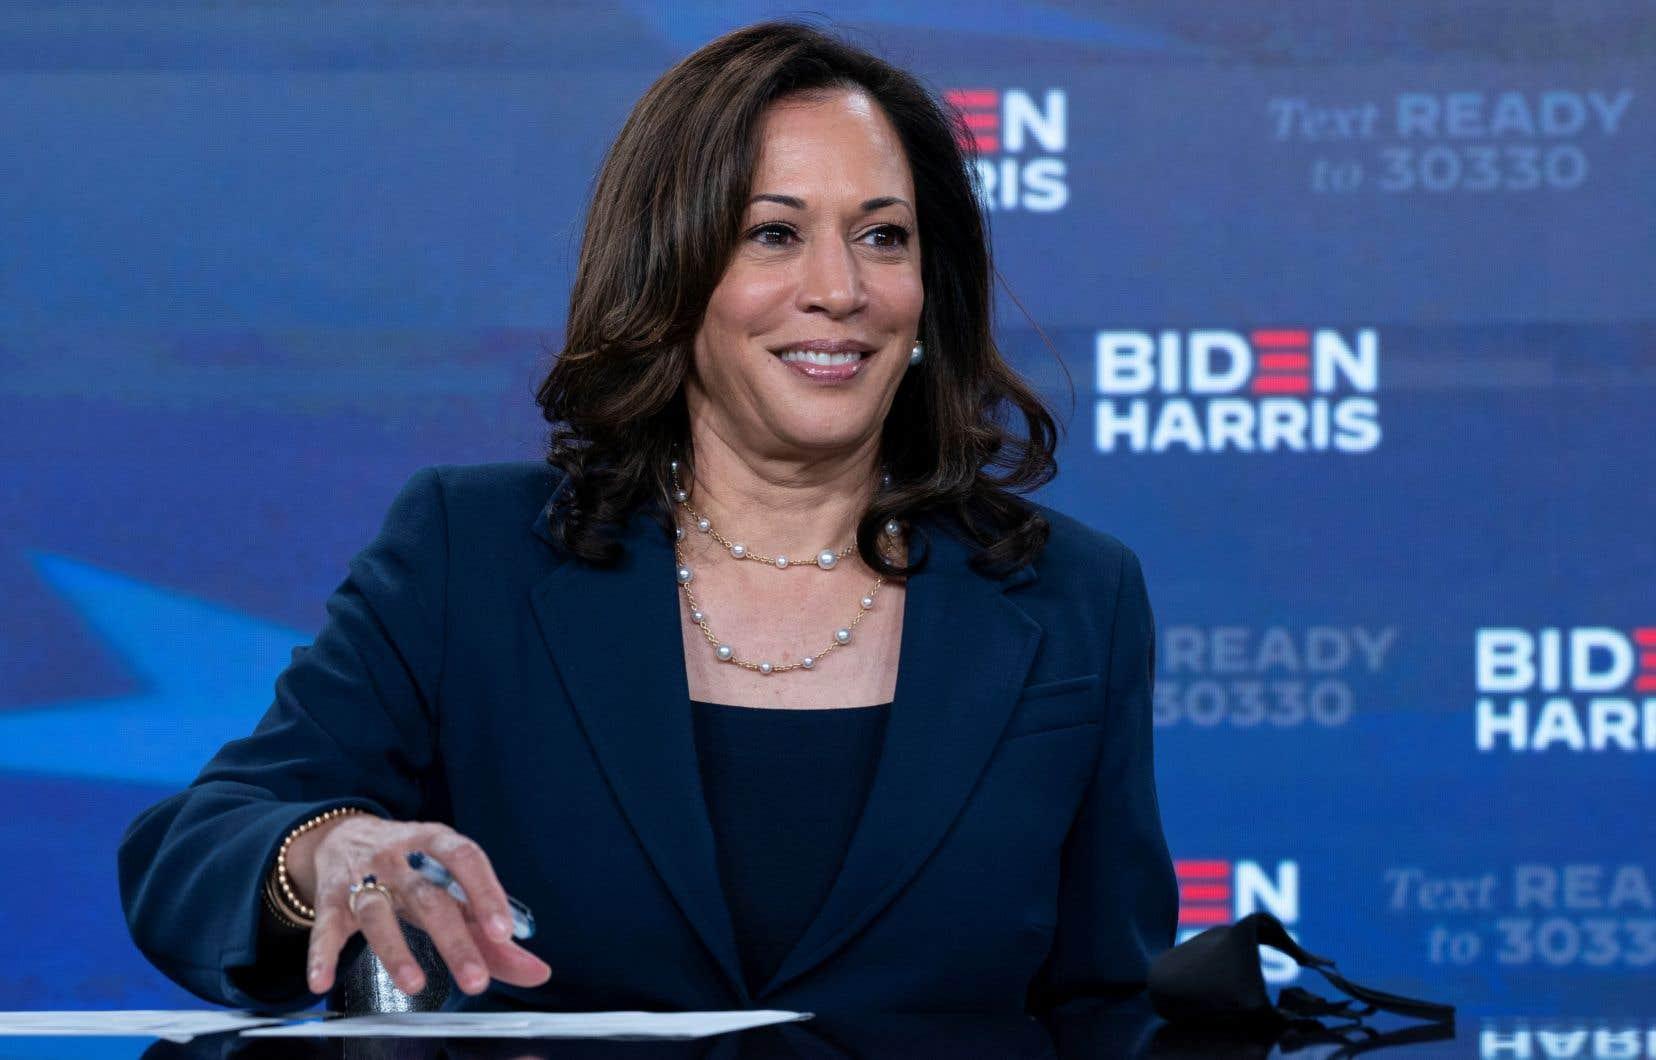 Selon Jean Sinzdak, le choix de Kamala Harris comme colistière de Joe Biden est assez malin, parce qu'elle ne représente pas l'extrême gauche ni même la frange progressiste du Parti démocrate, ce qui évite de s'aliéner des appuis.